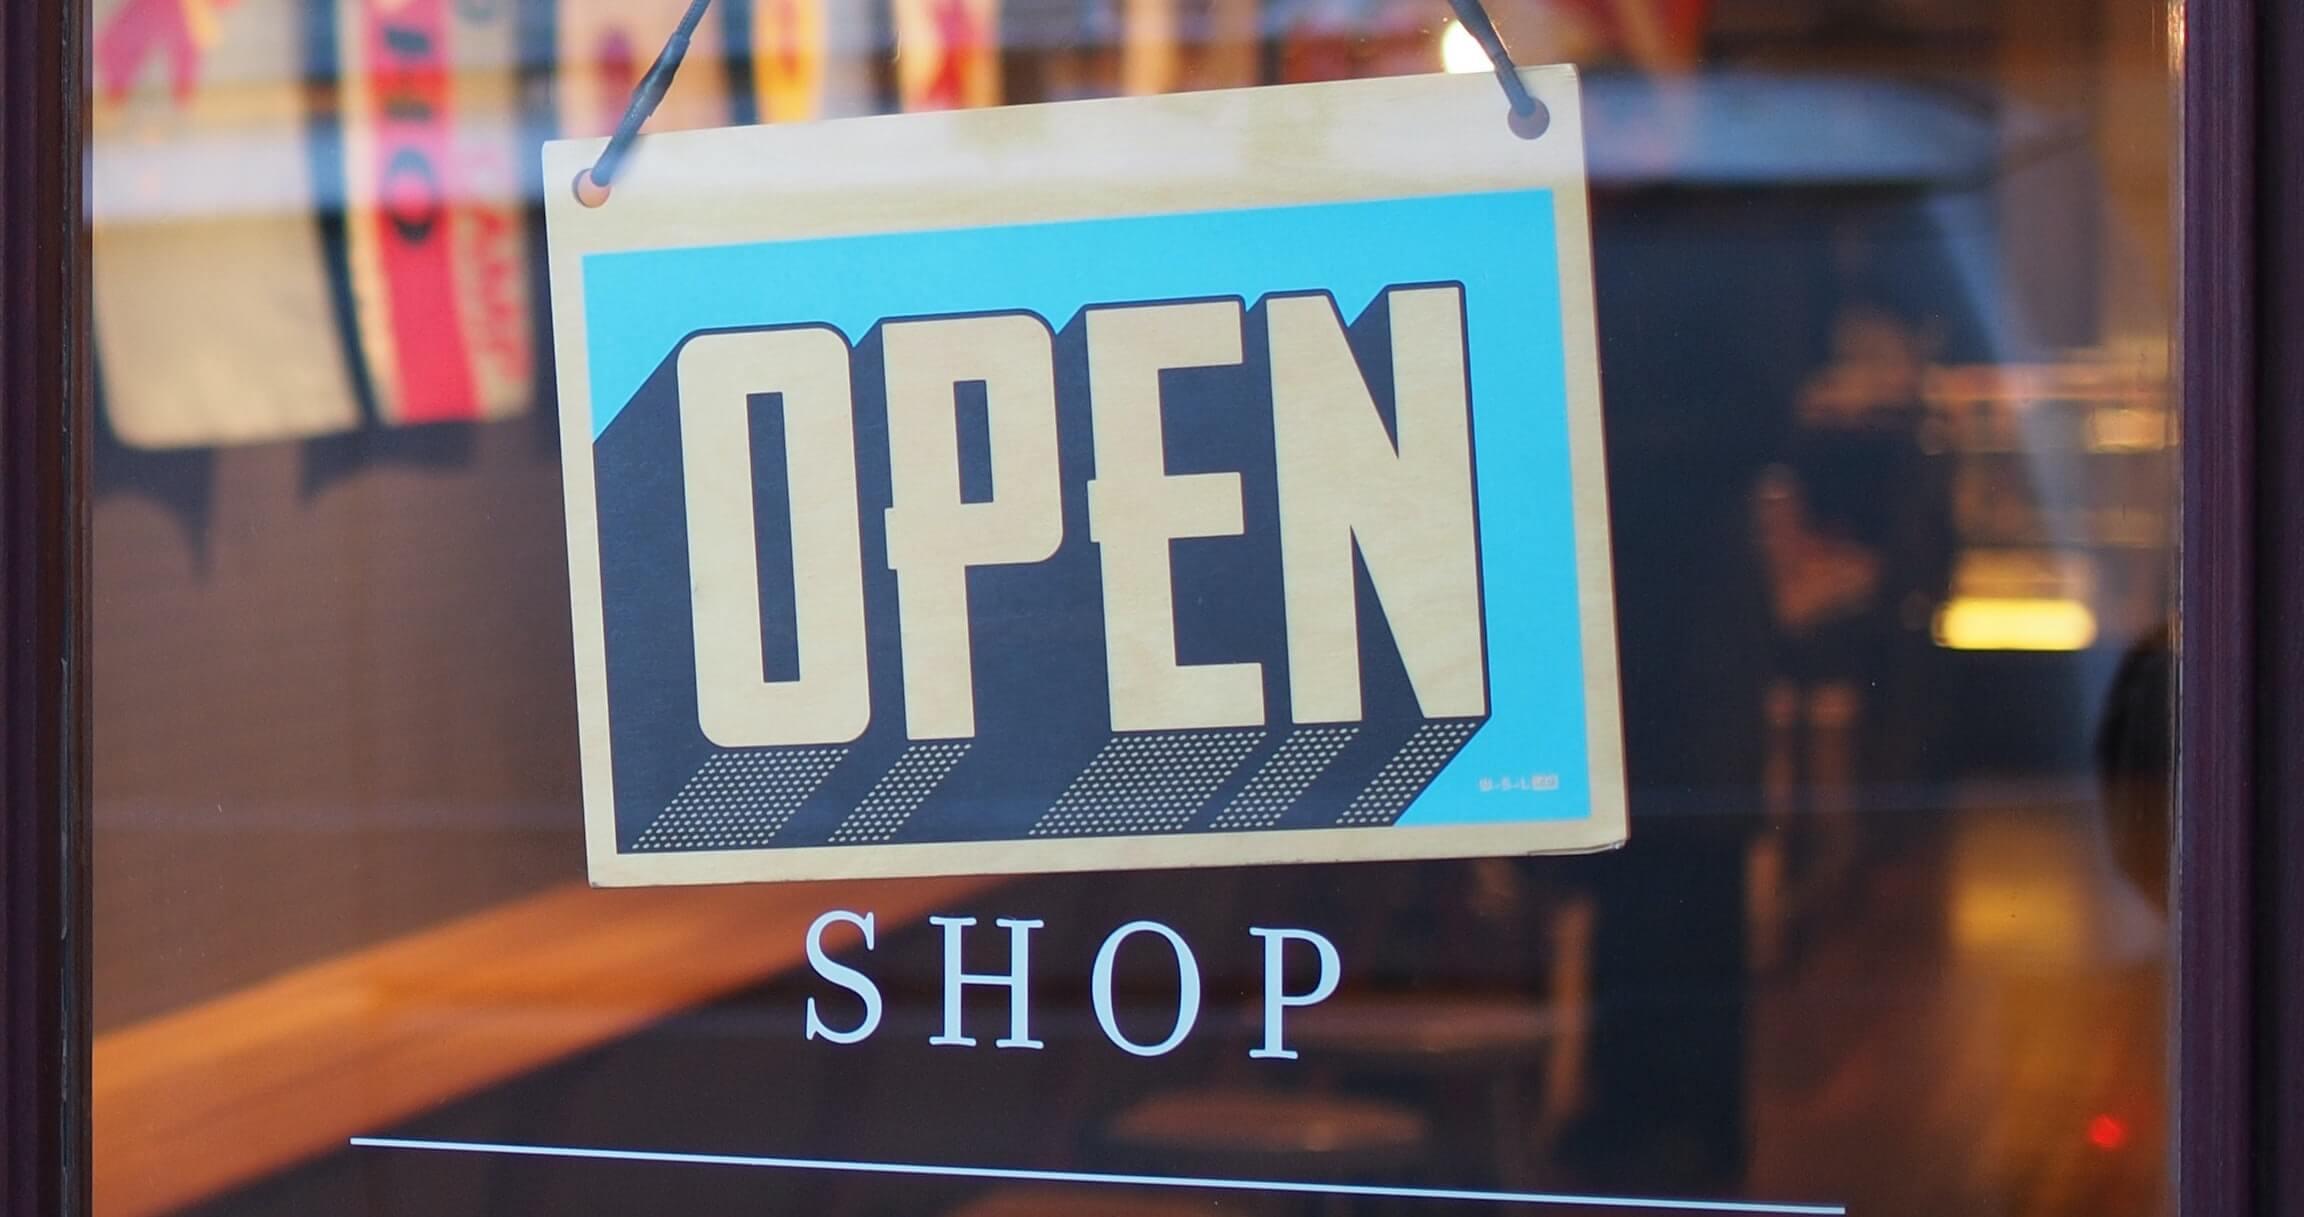 Si želite lastne spletne trgovine? Nikoli enostavneje!